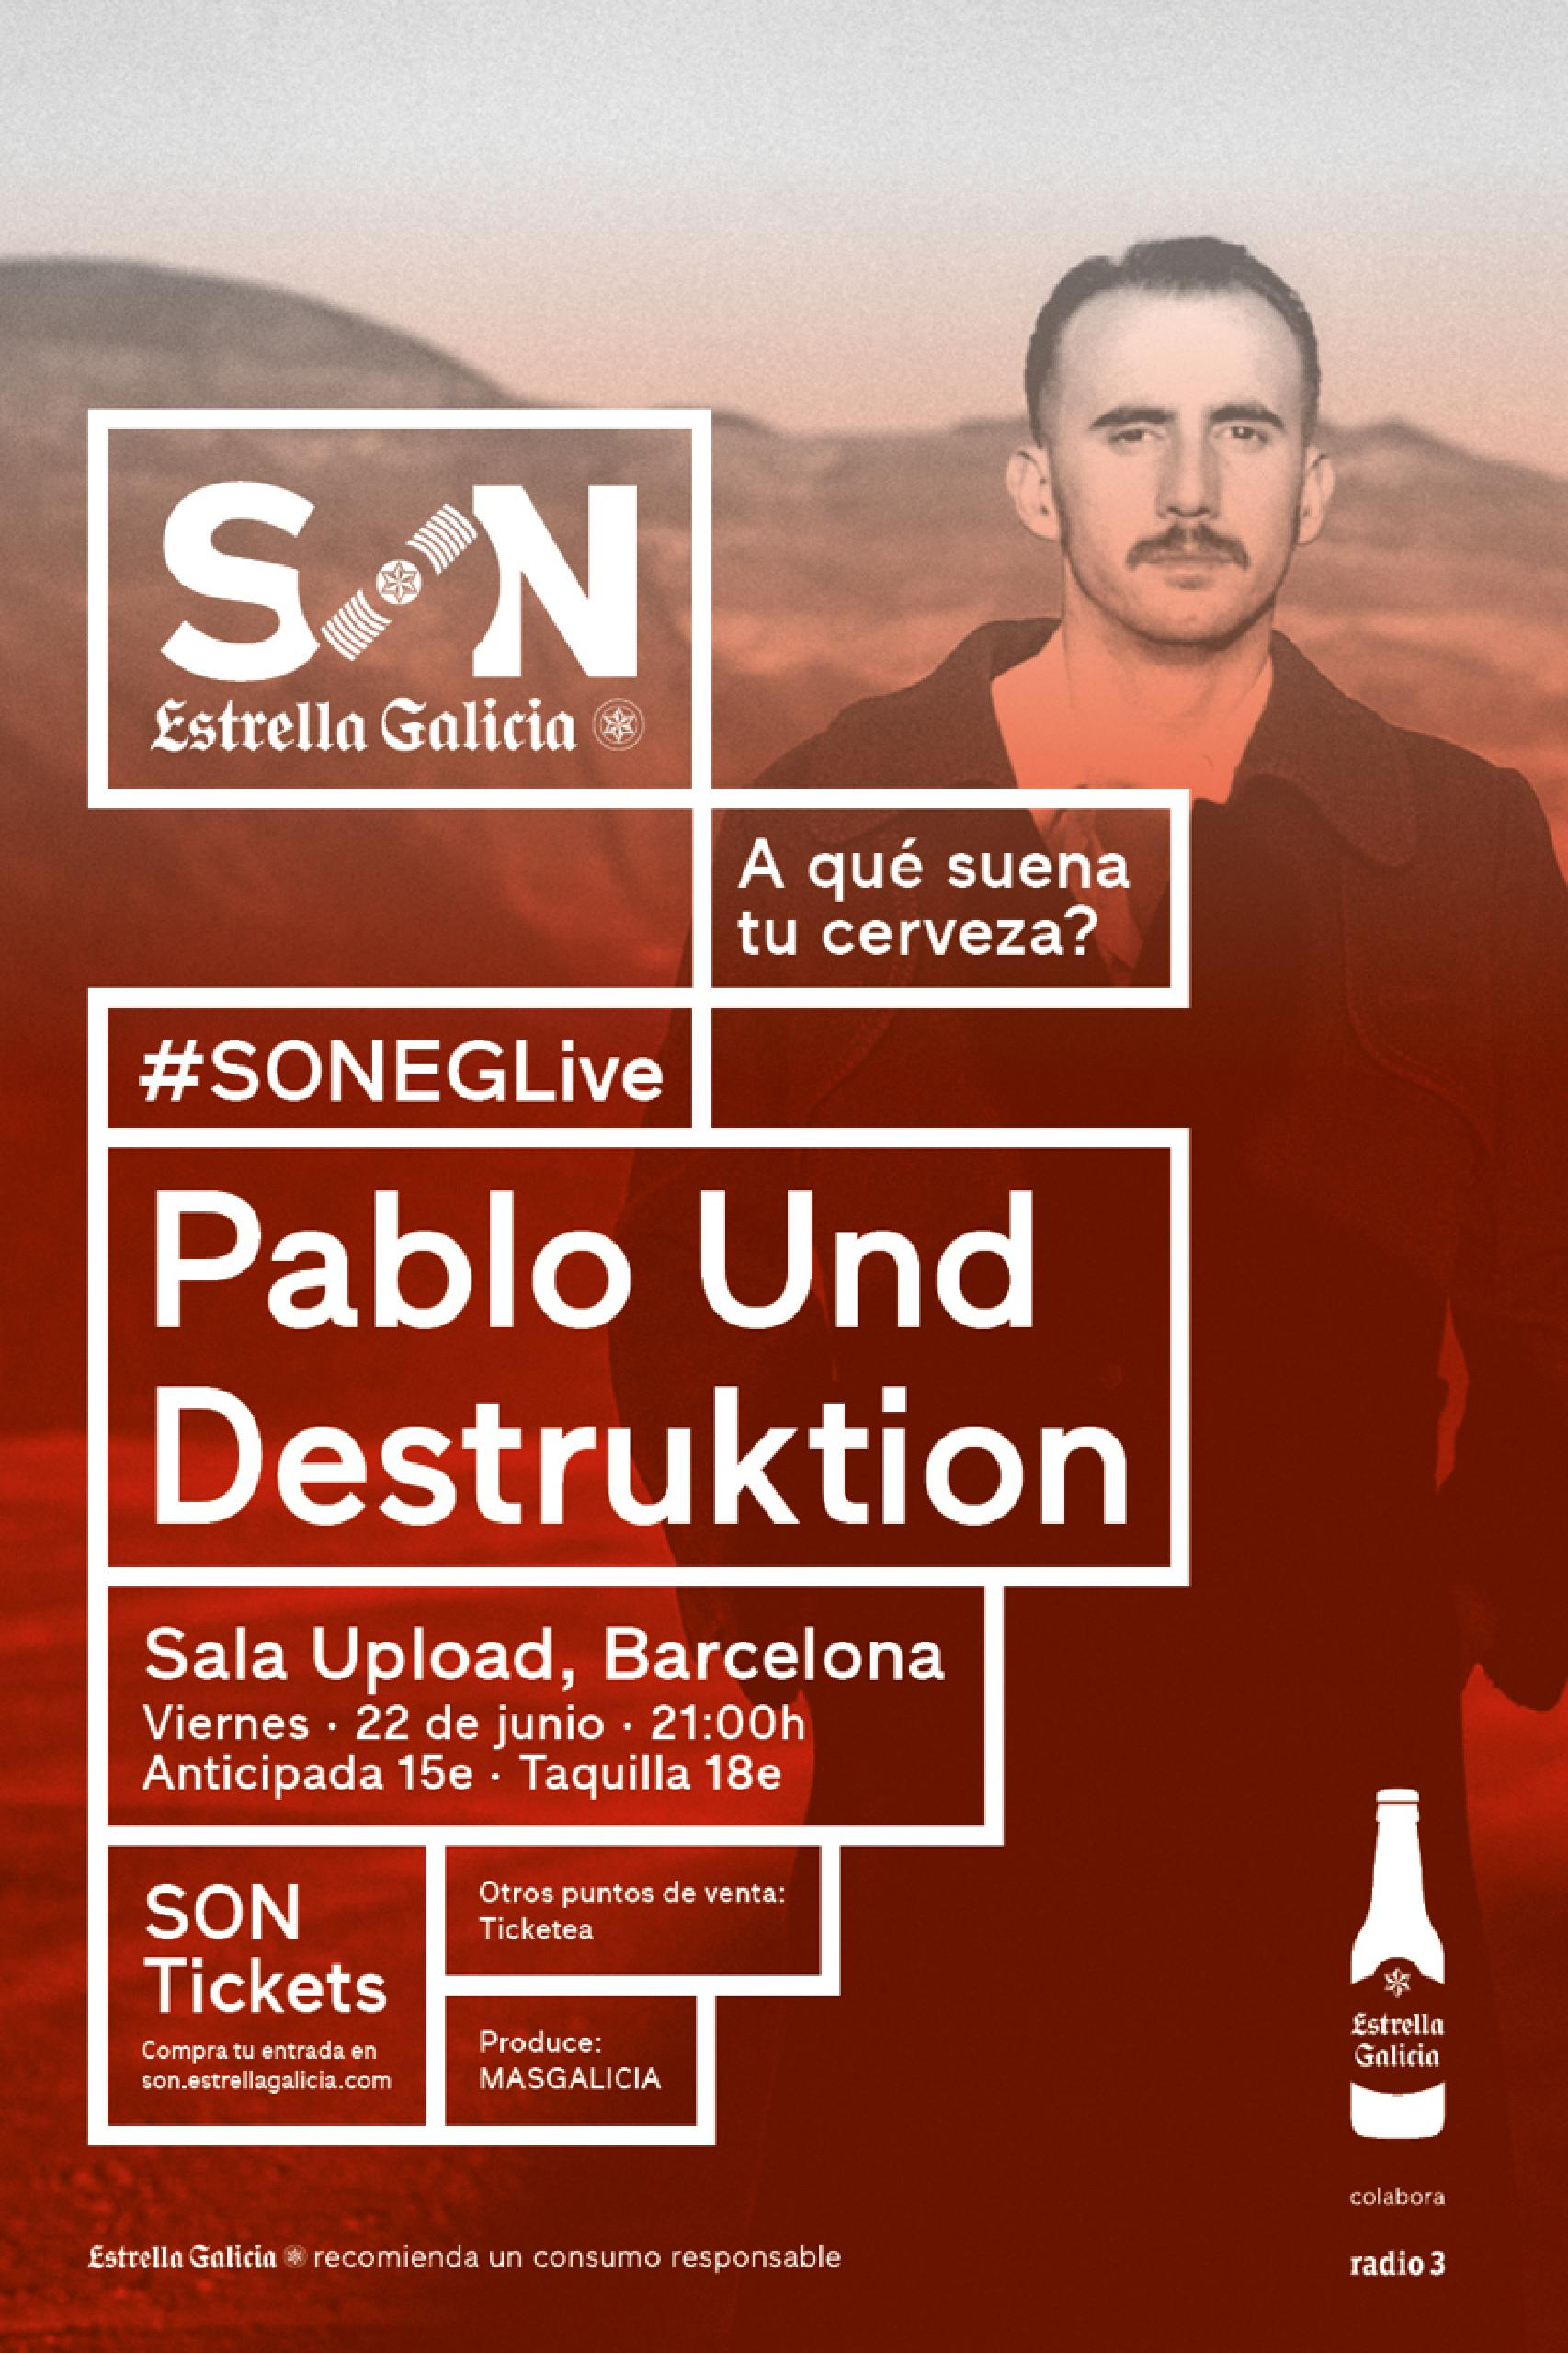 SON Estrella Galicia cartel